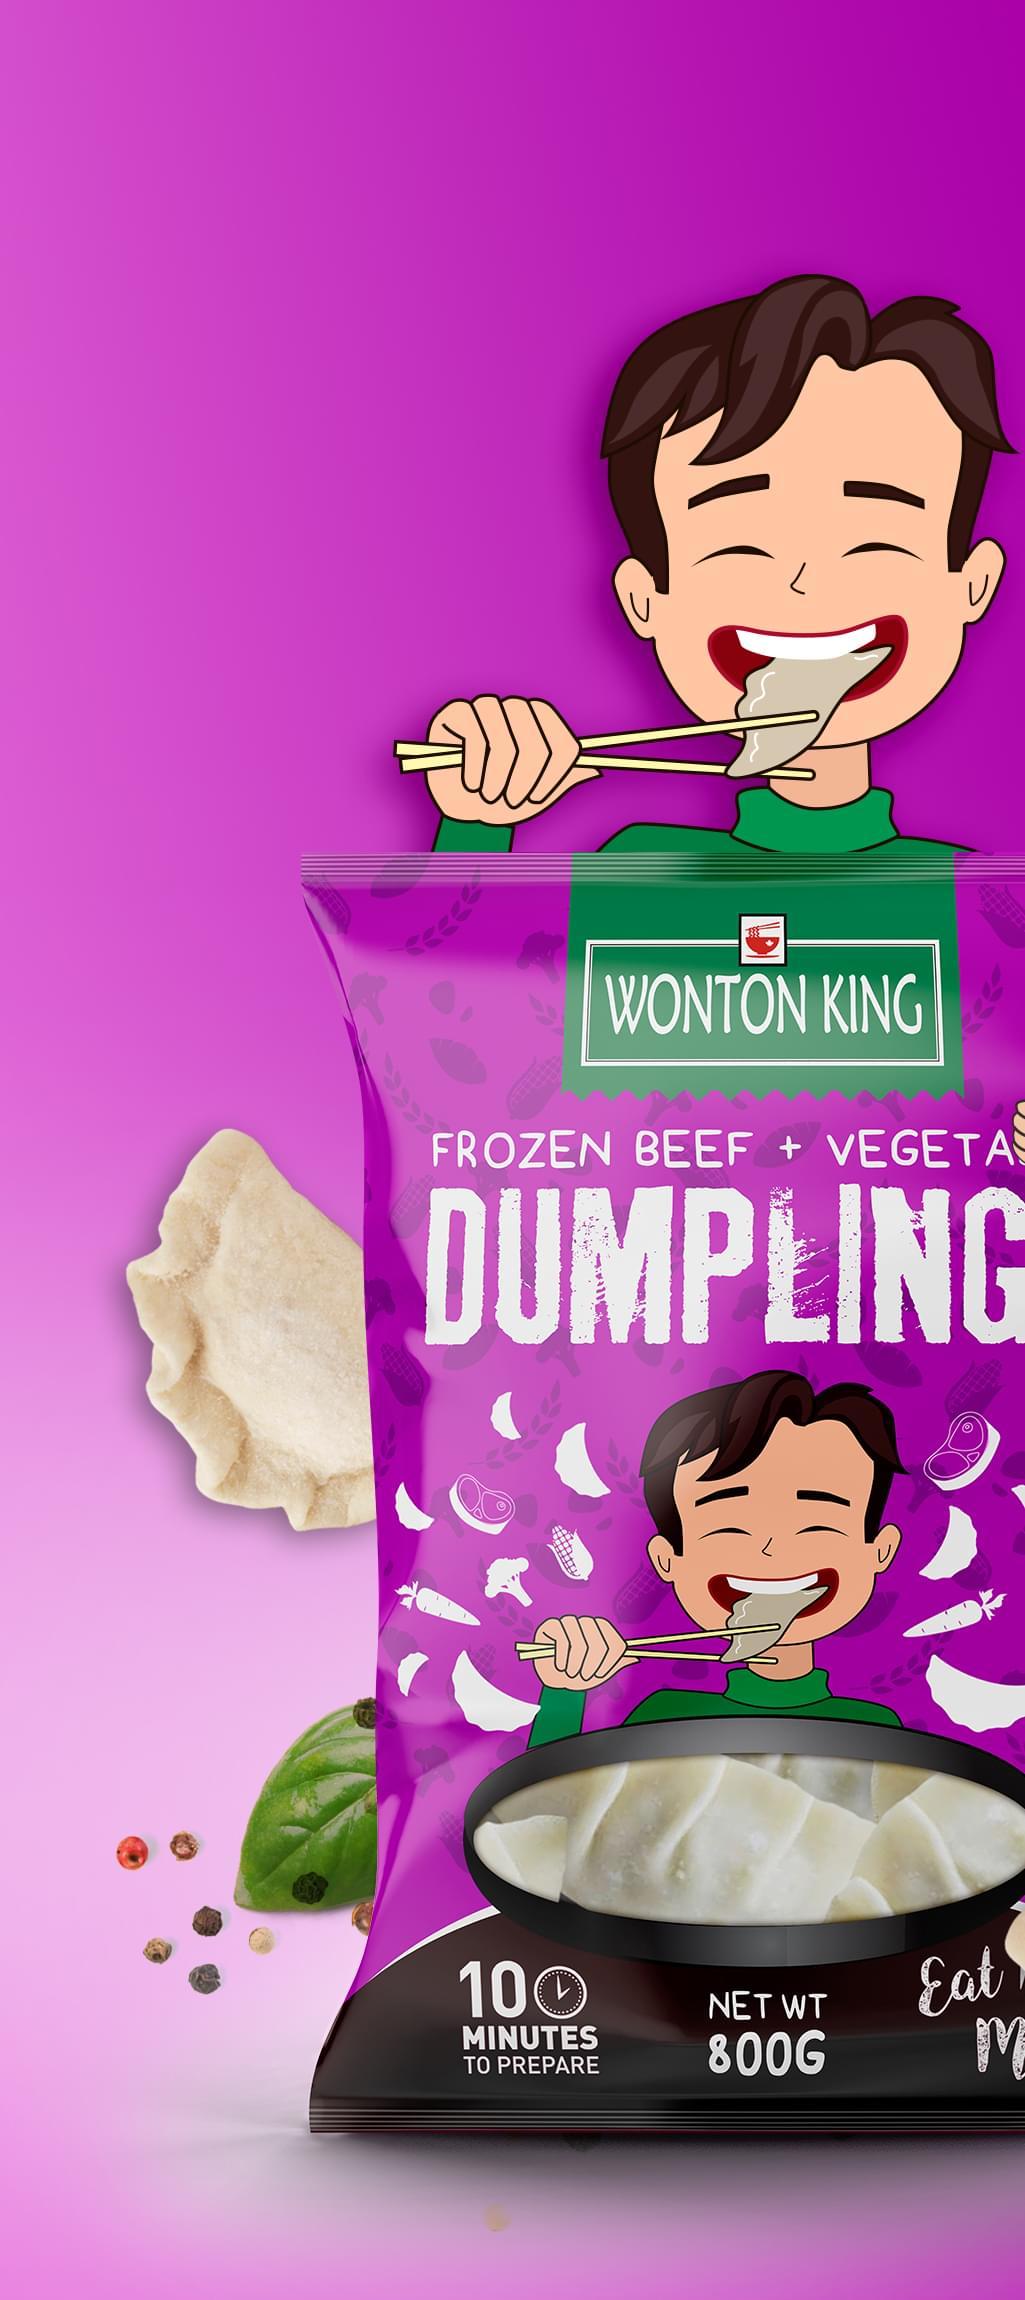 WONTON KING Packaging